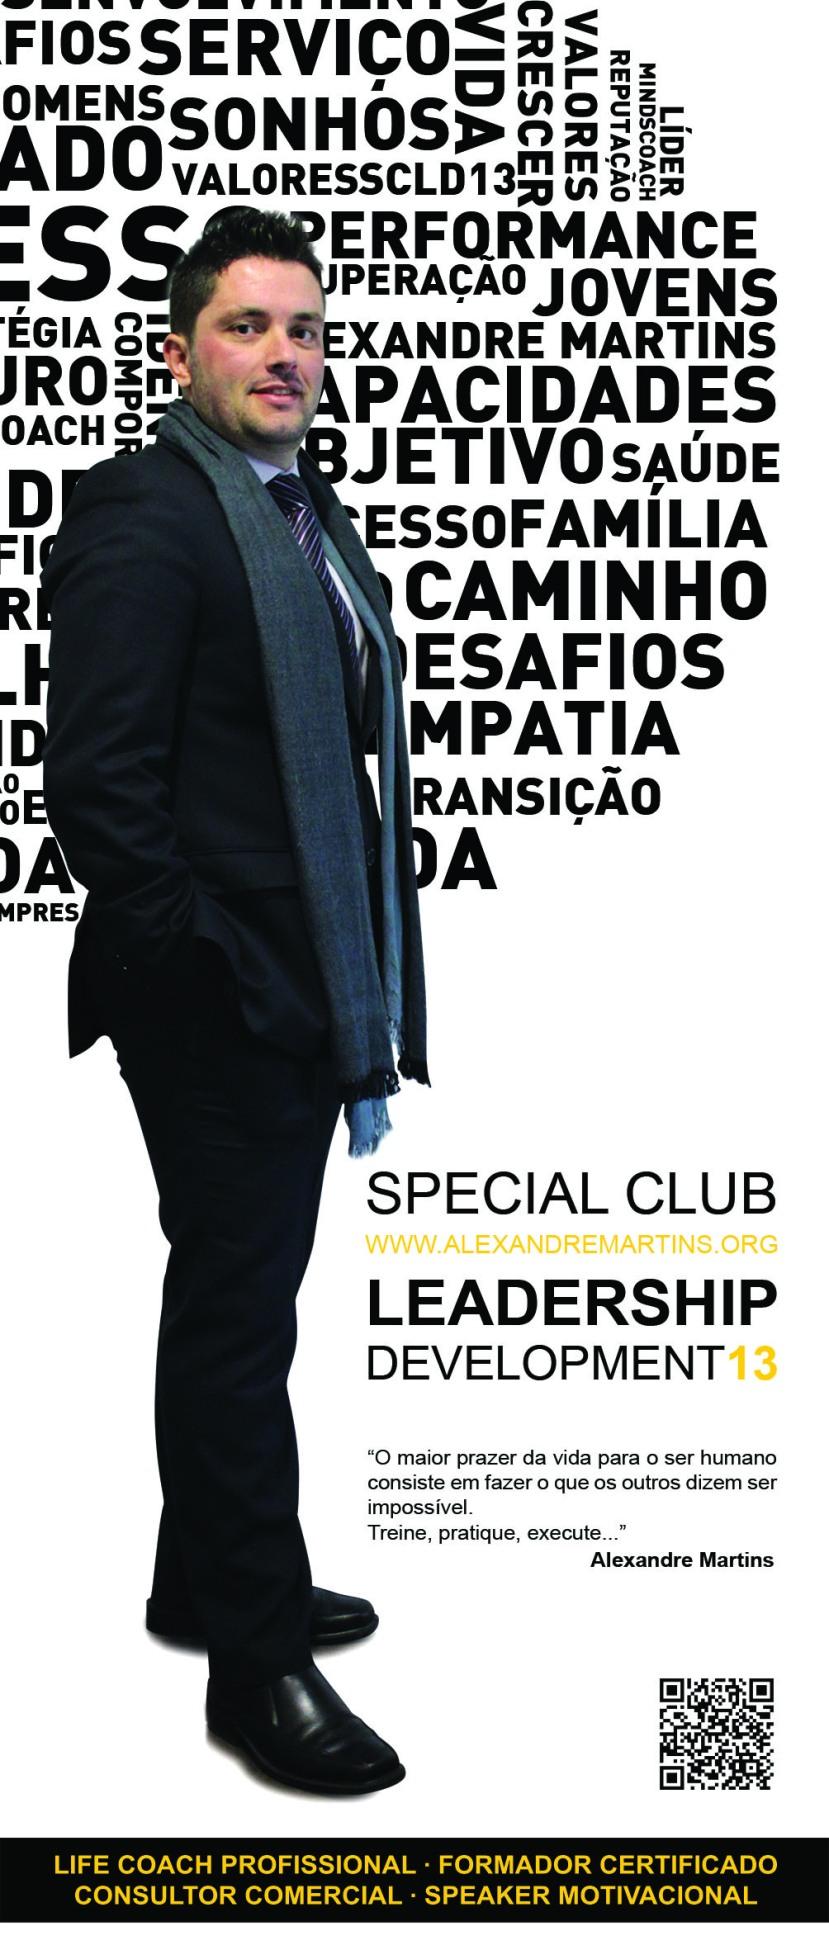 www.alexandremartins.org